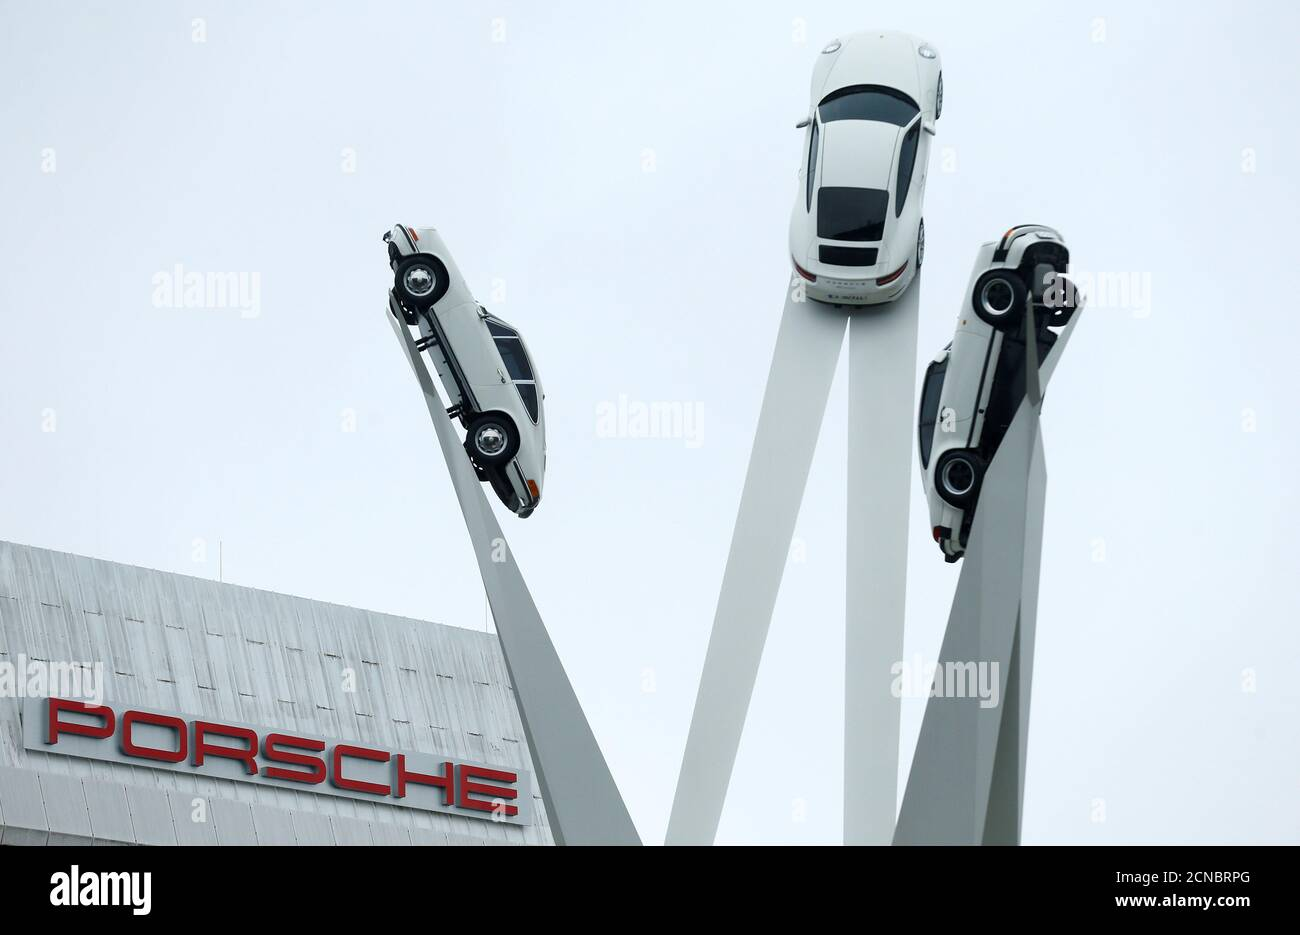 A sculpture featuring models of German car manufacturer Porsche is seen outside the Porsche factory in Stuttgart-Zuffenhausen, Germany, January 26, 2018.   REUTERS/Ralph Orlowski Stock Photo